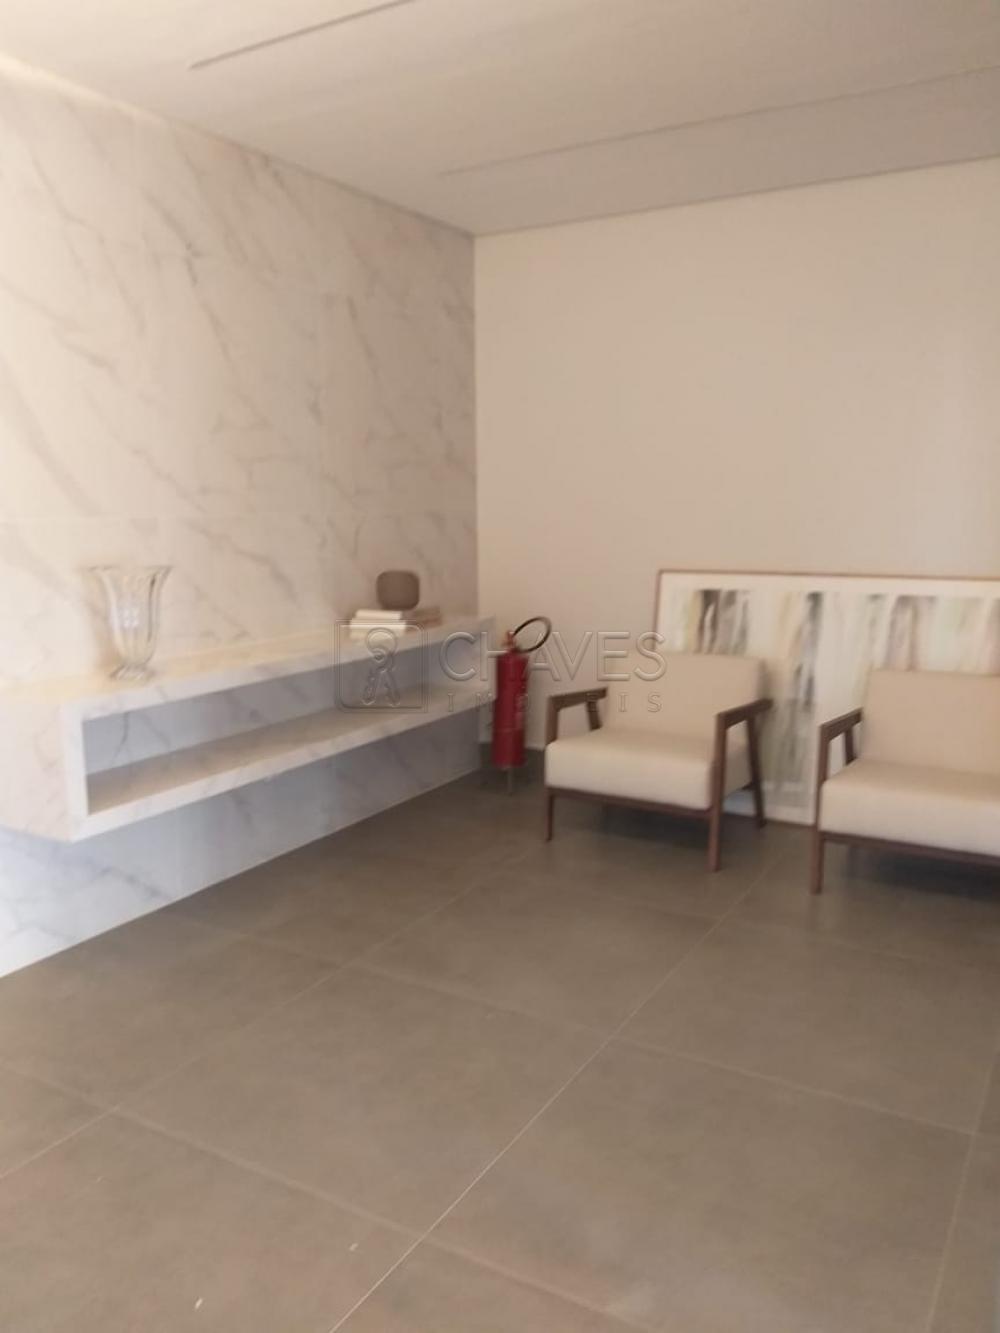 Comprar Apartamento / Padrão em Ribeirão Preto apenas R$ 586.450,00 - Foto 22